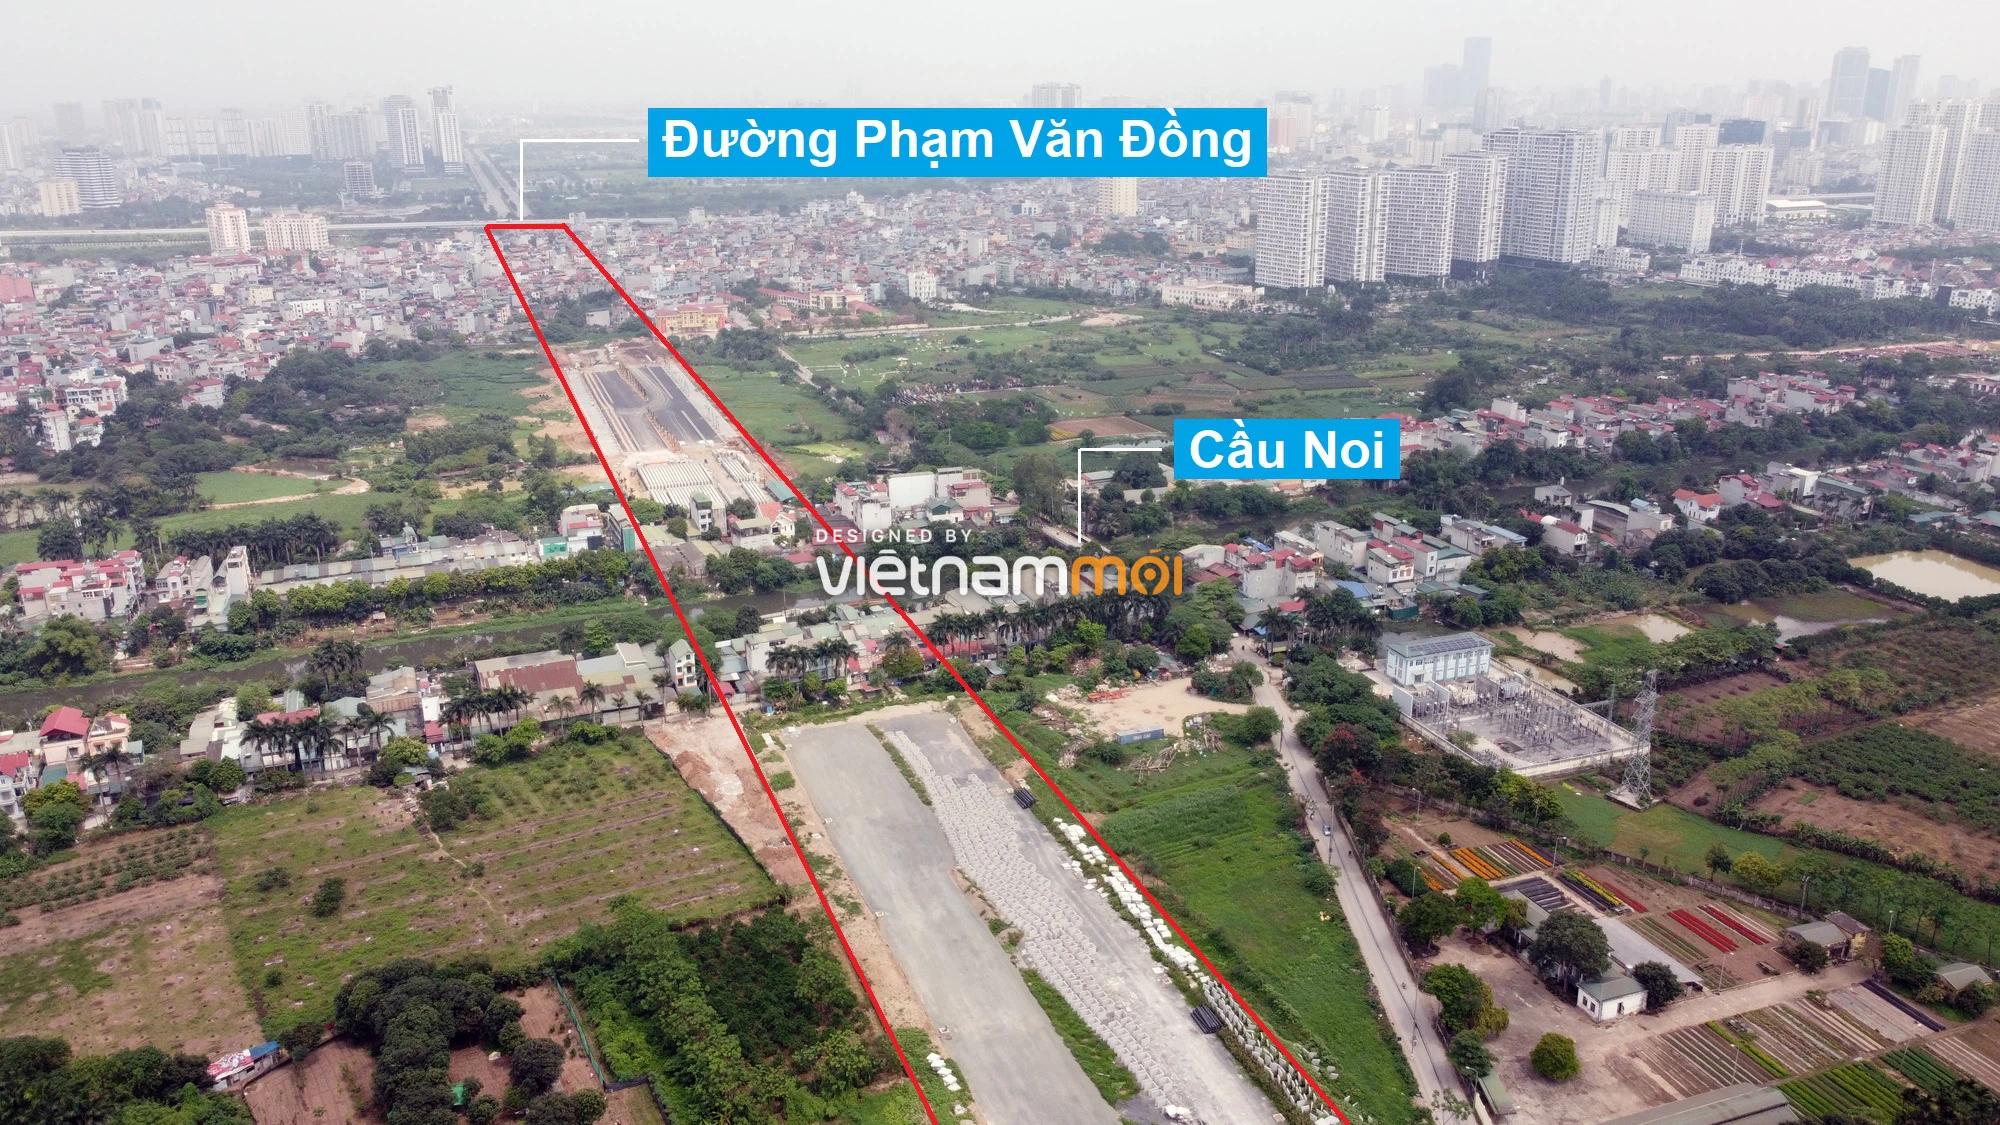 Những khu đất sắp thu hồi để mở đường ở quận Bắc Từ Liêm, Hà Nội (phần 2) - Ảnh 6.